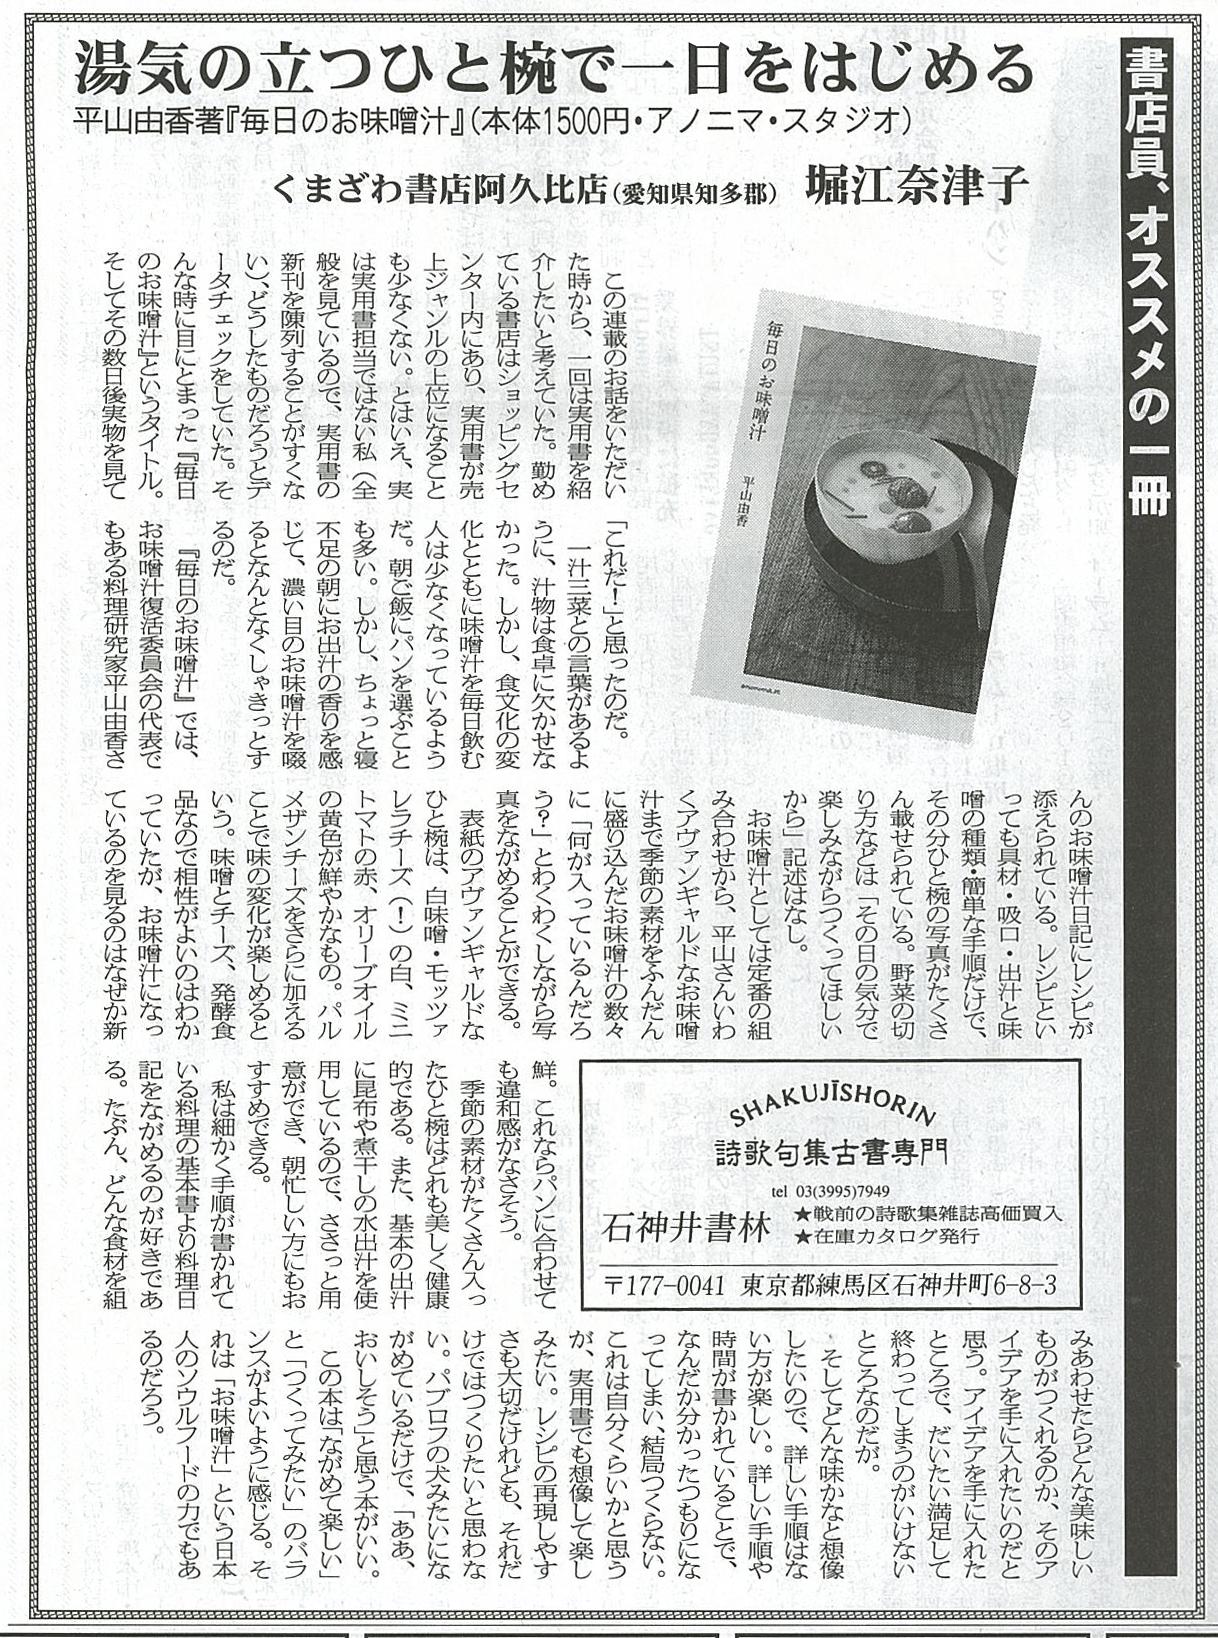 図書新聞6月18日